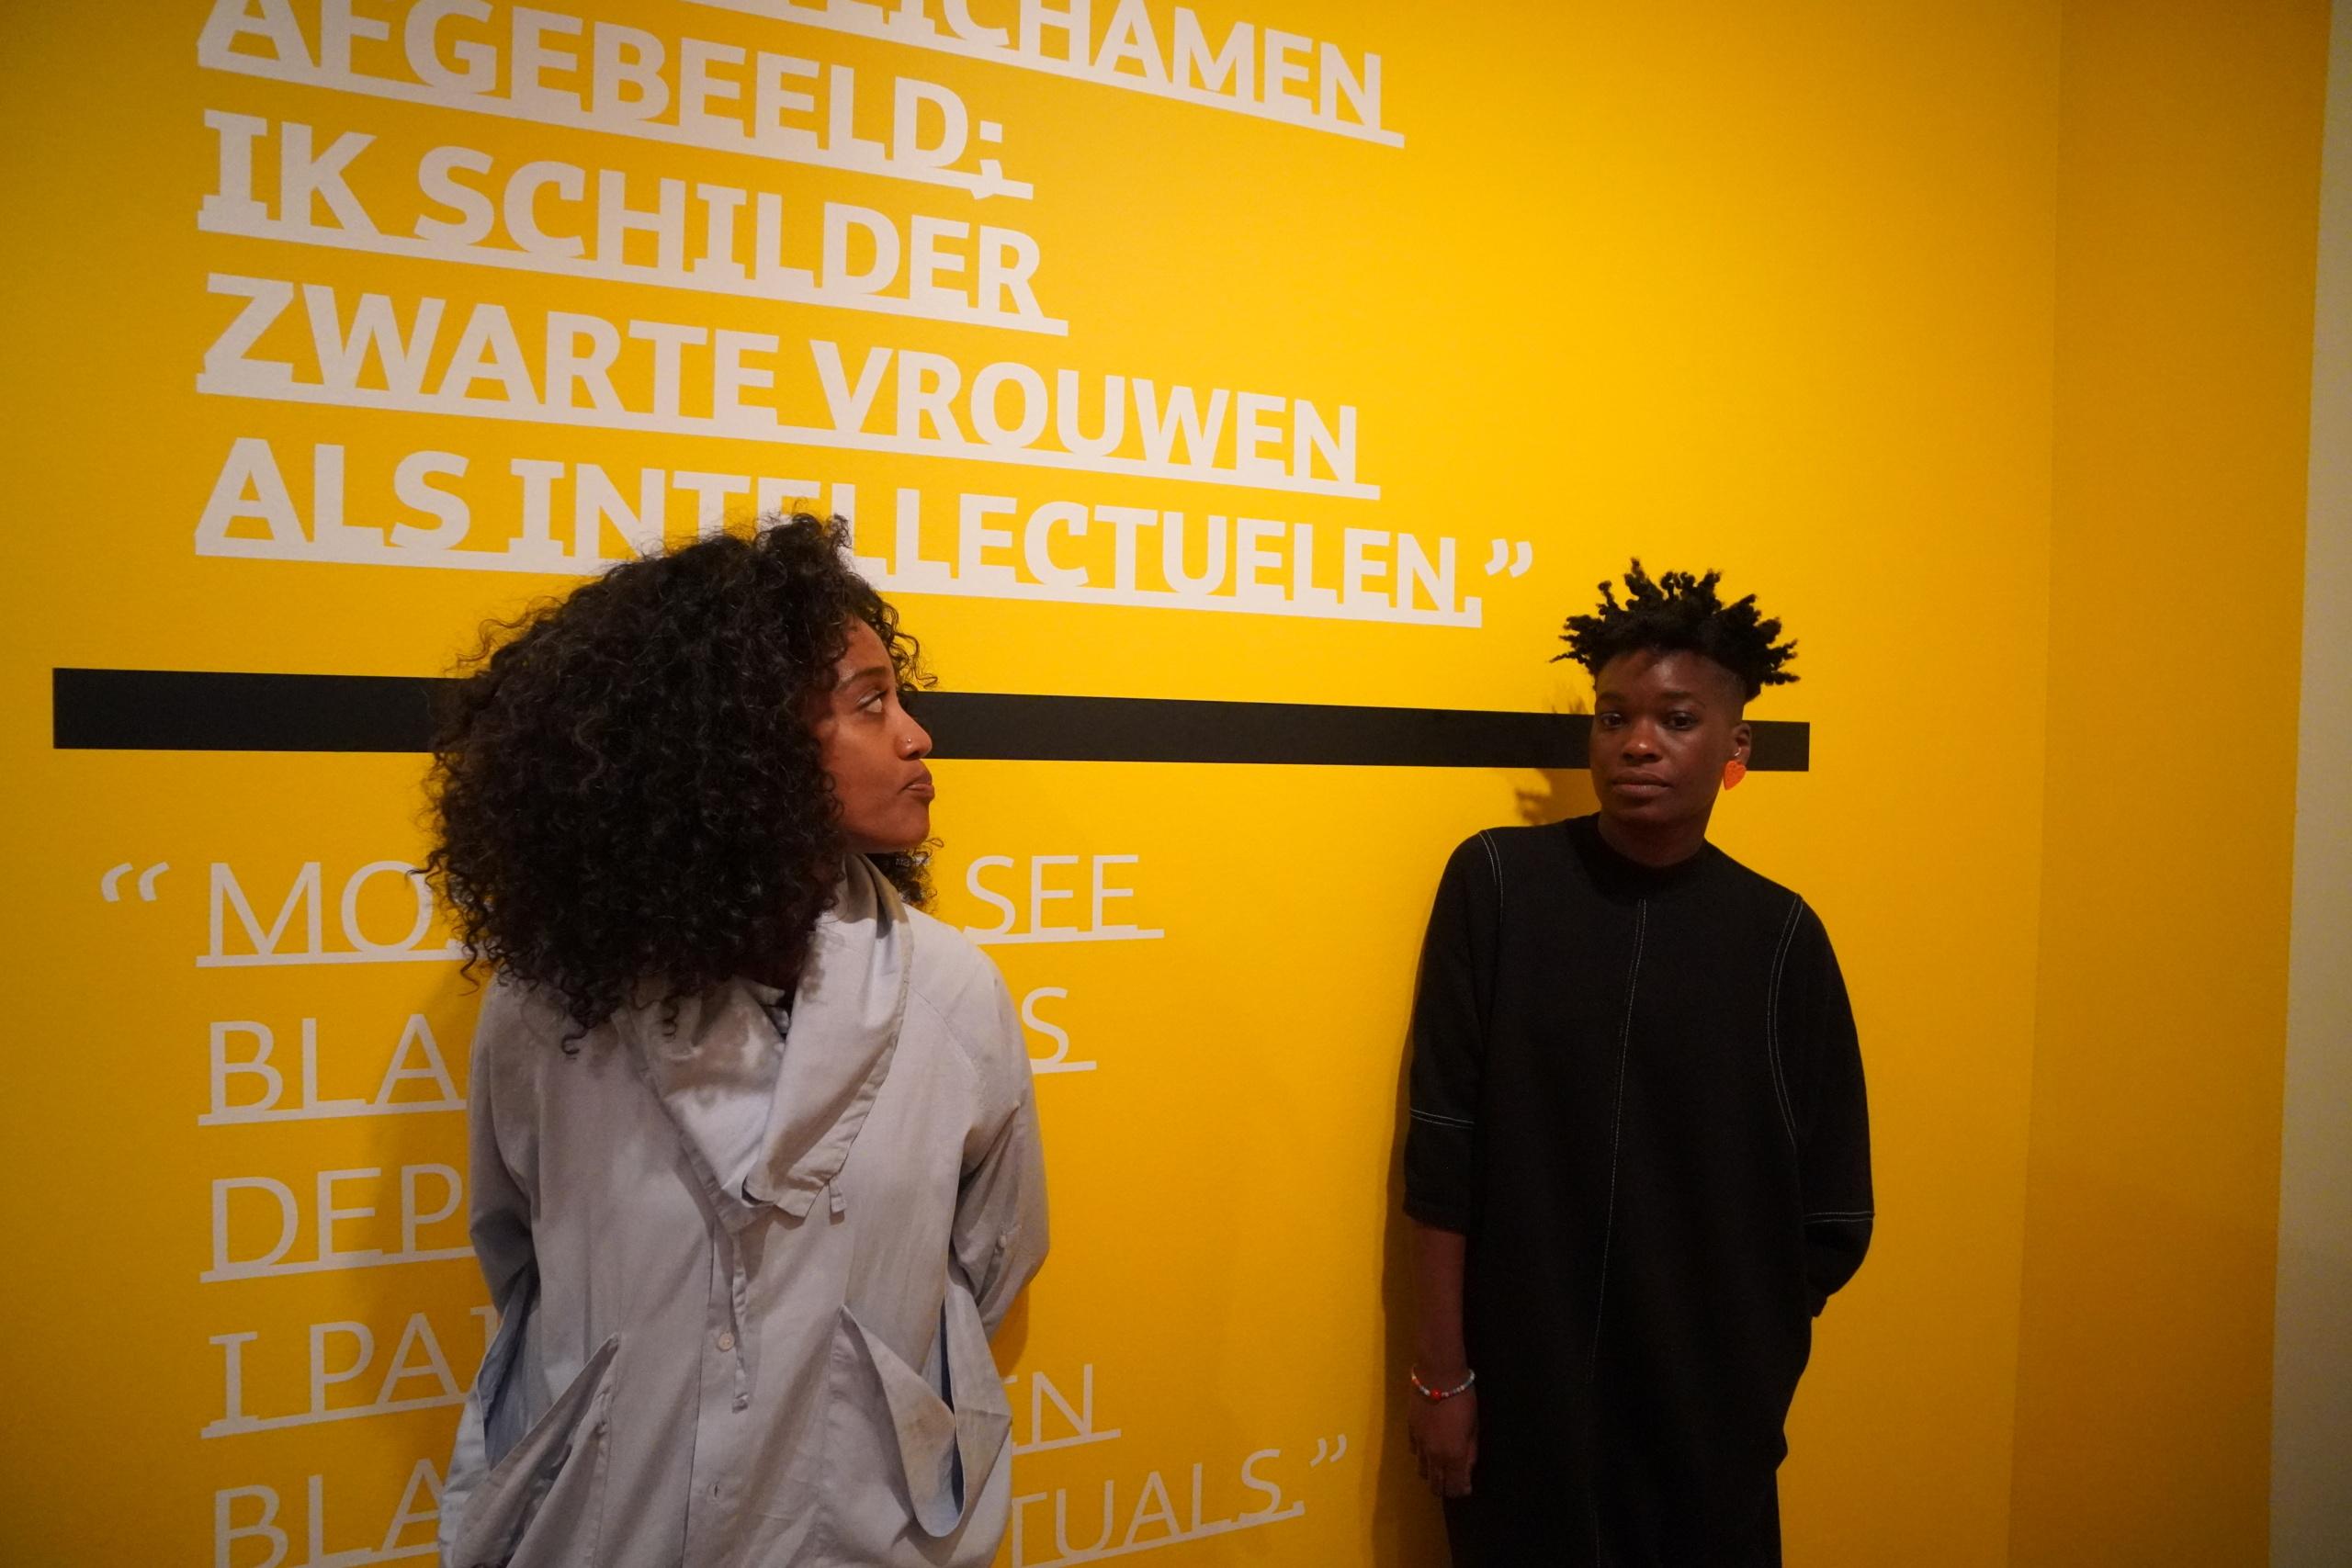 Vlog: oog-in-oog met zwarte mensen